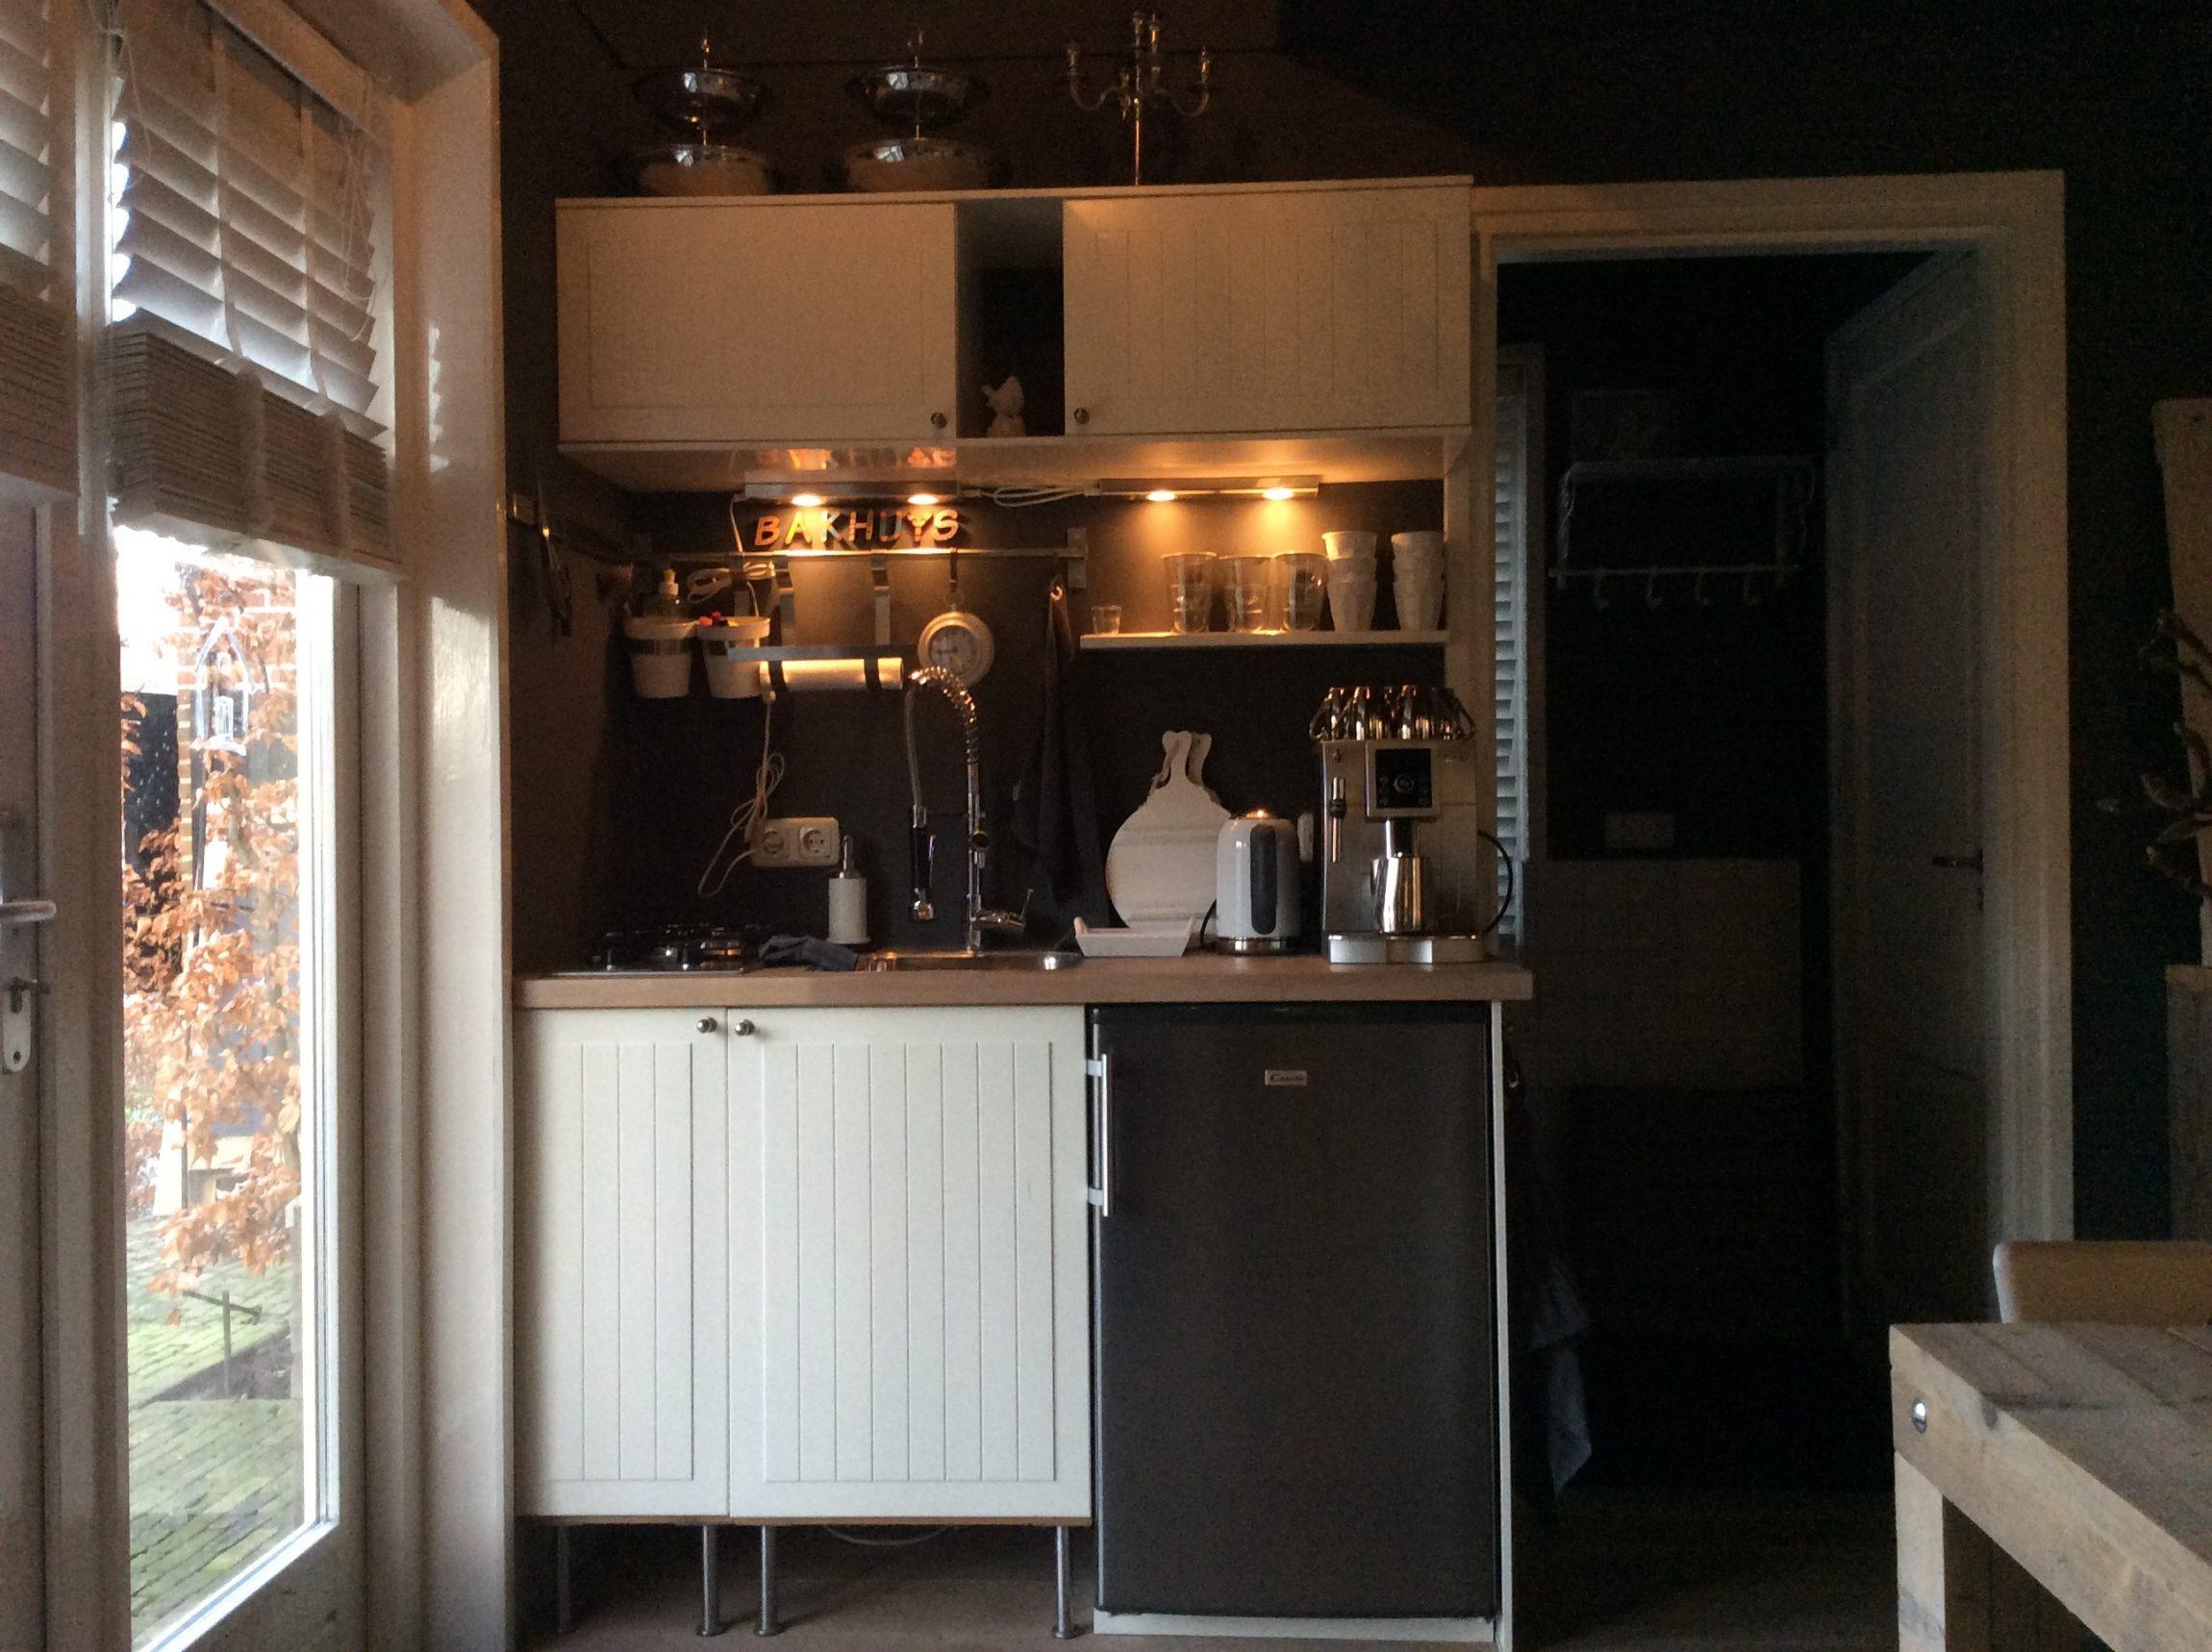 keuken bakhuys recht